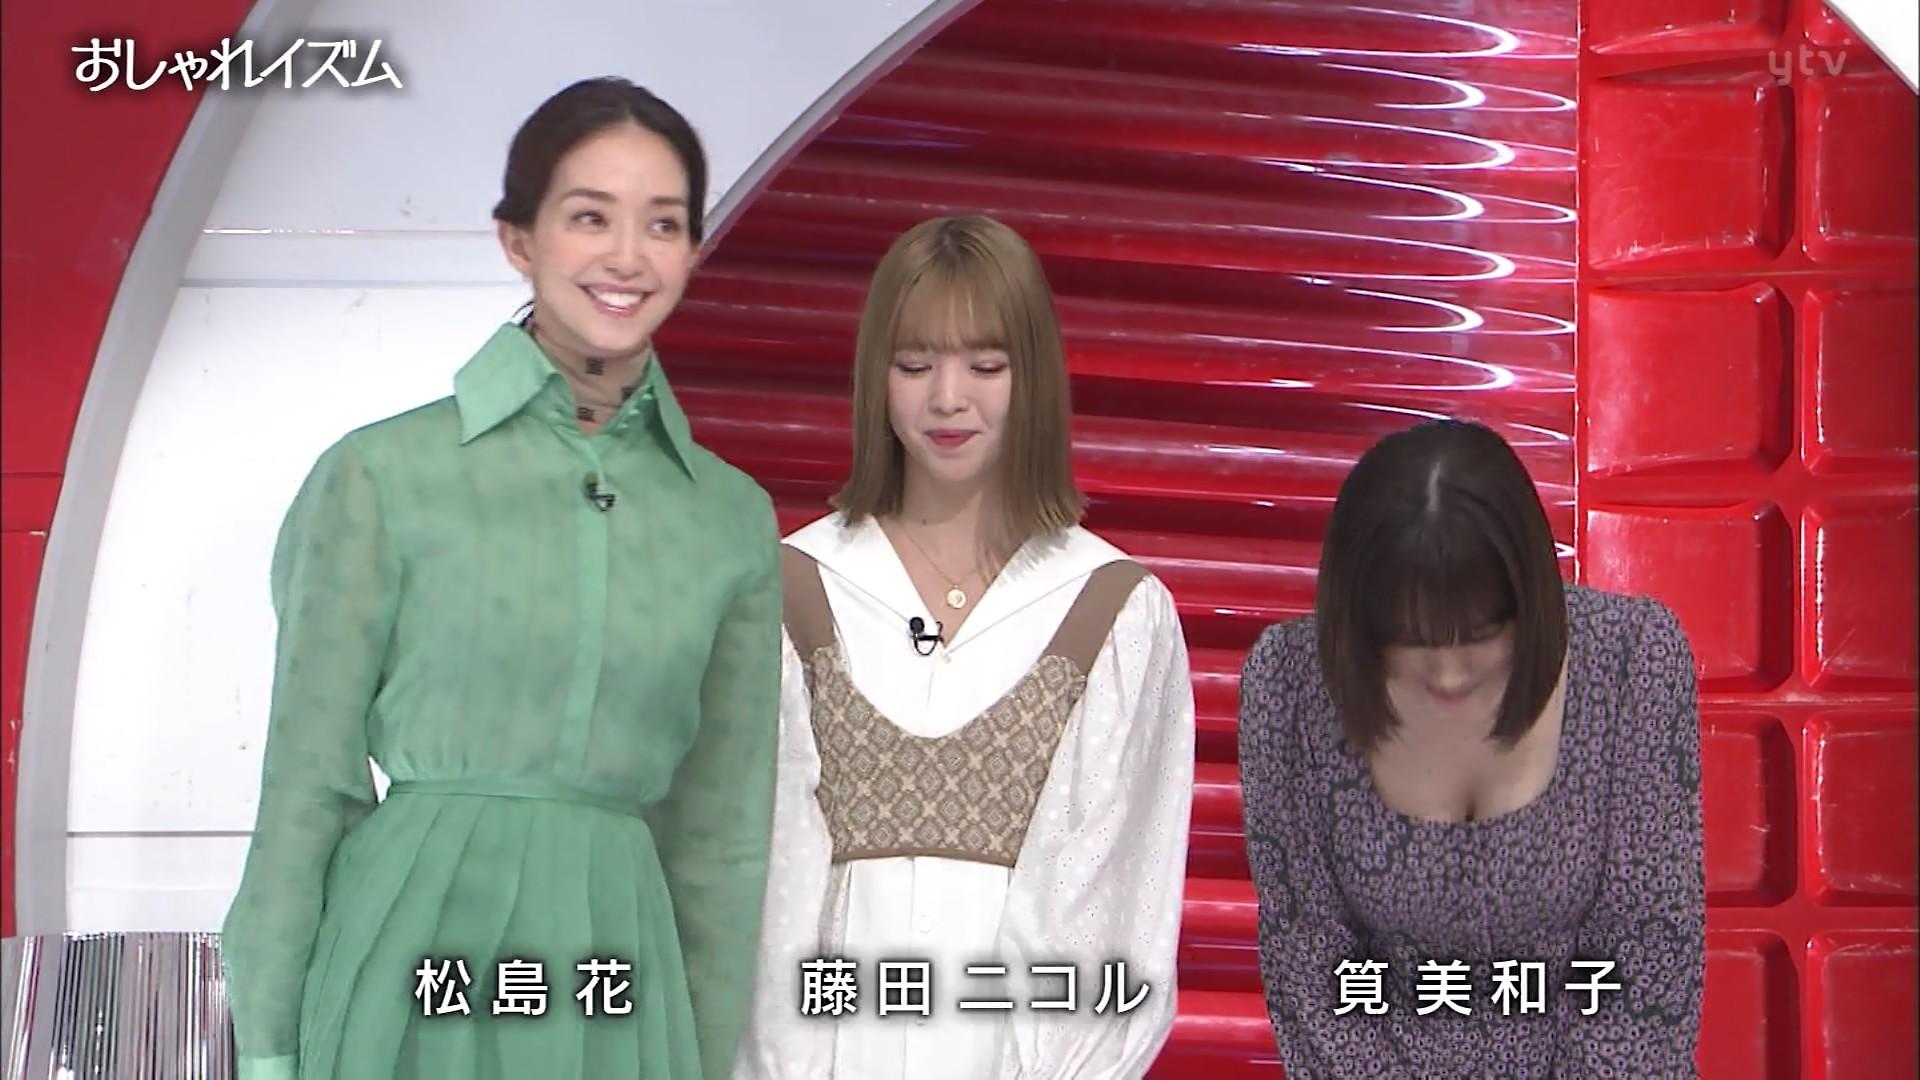 胸チラ_谷間_おっぱい_おしゃれイズム_01